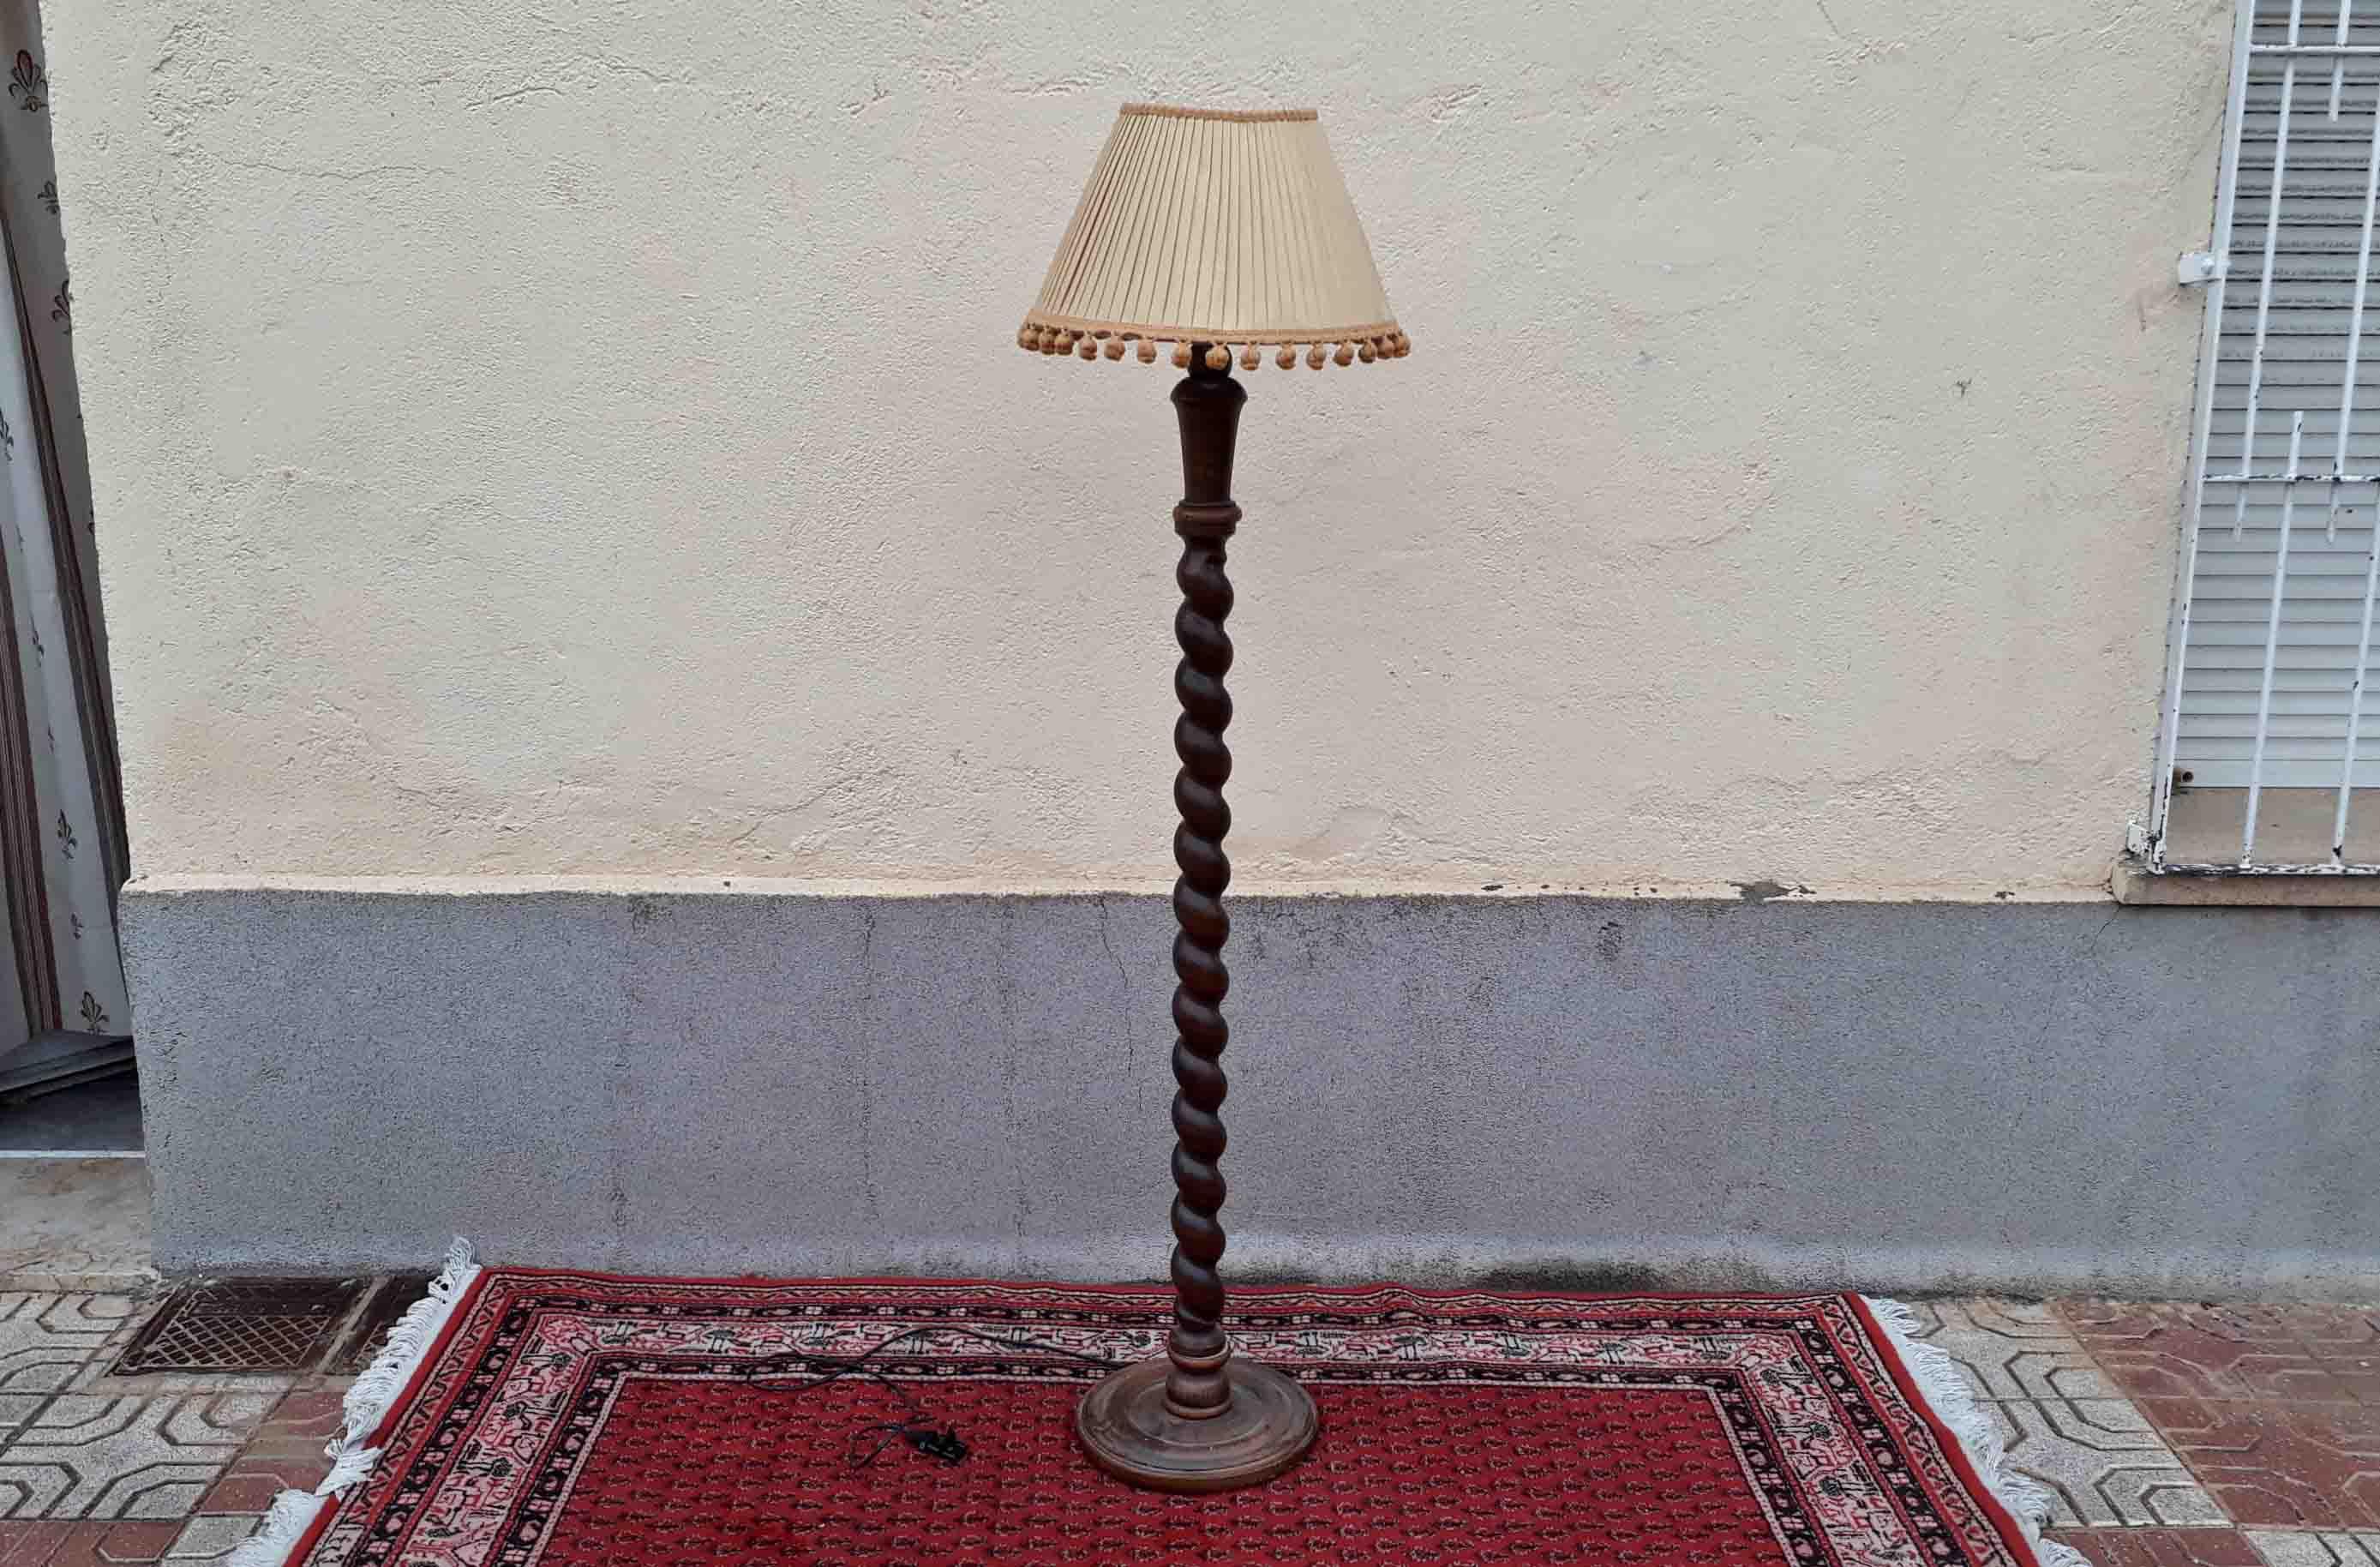 Lámpara De Pié Antigua Columna Salomónica Lámpara De Madera De Pié Antigua El Viejo Odeón